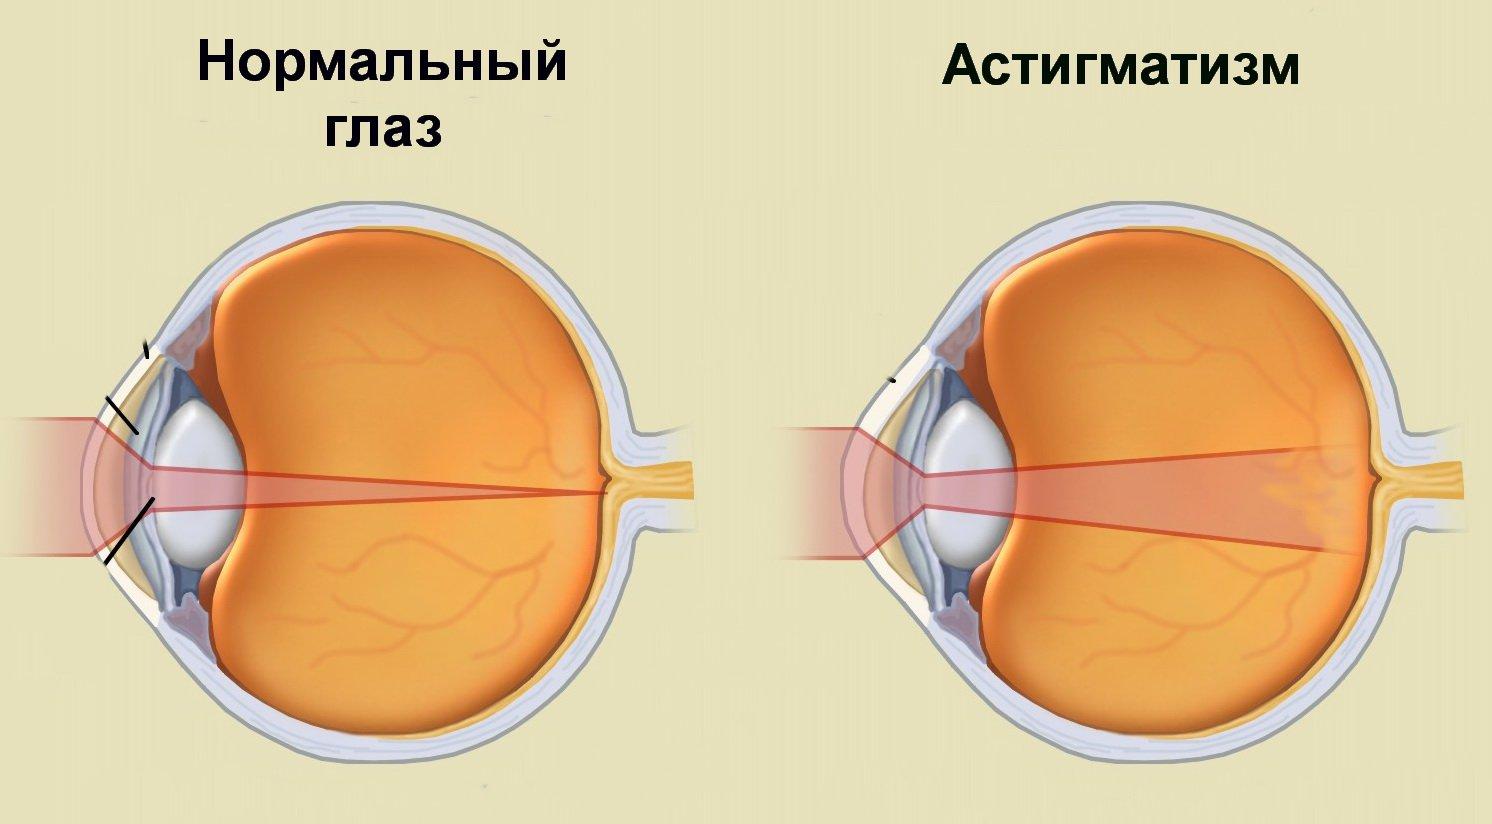 a gyomor befolyásolja a látást javítja a látásműtétet